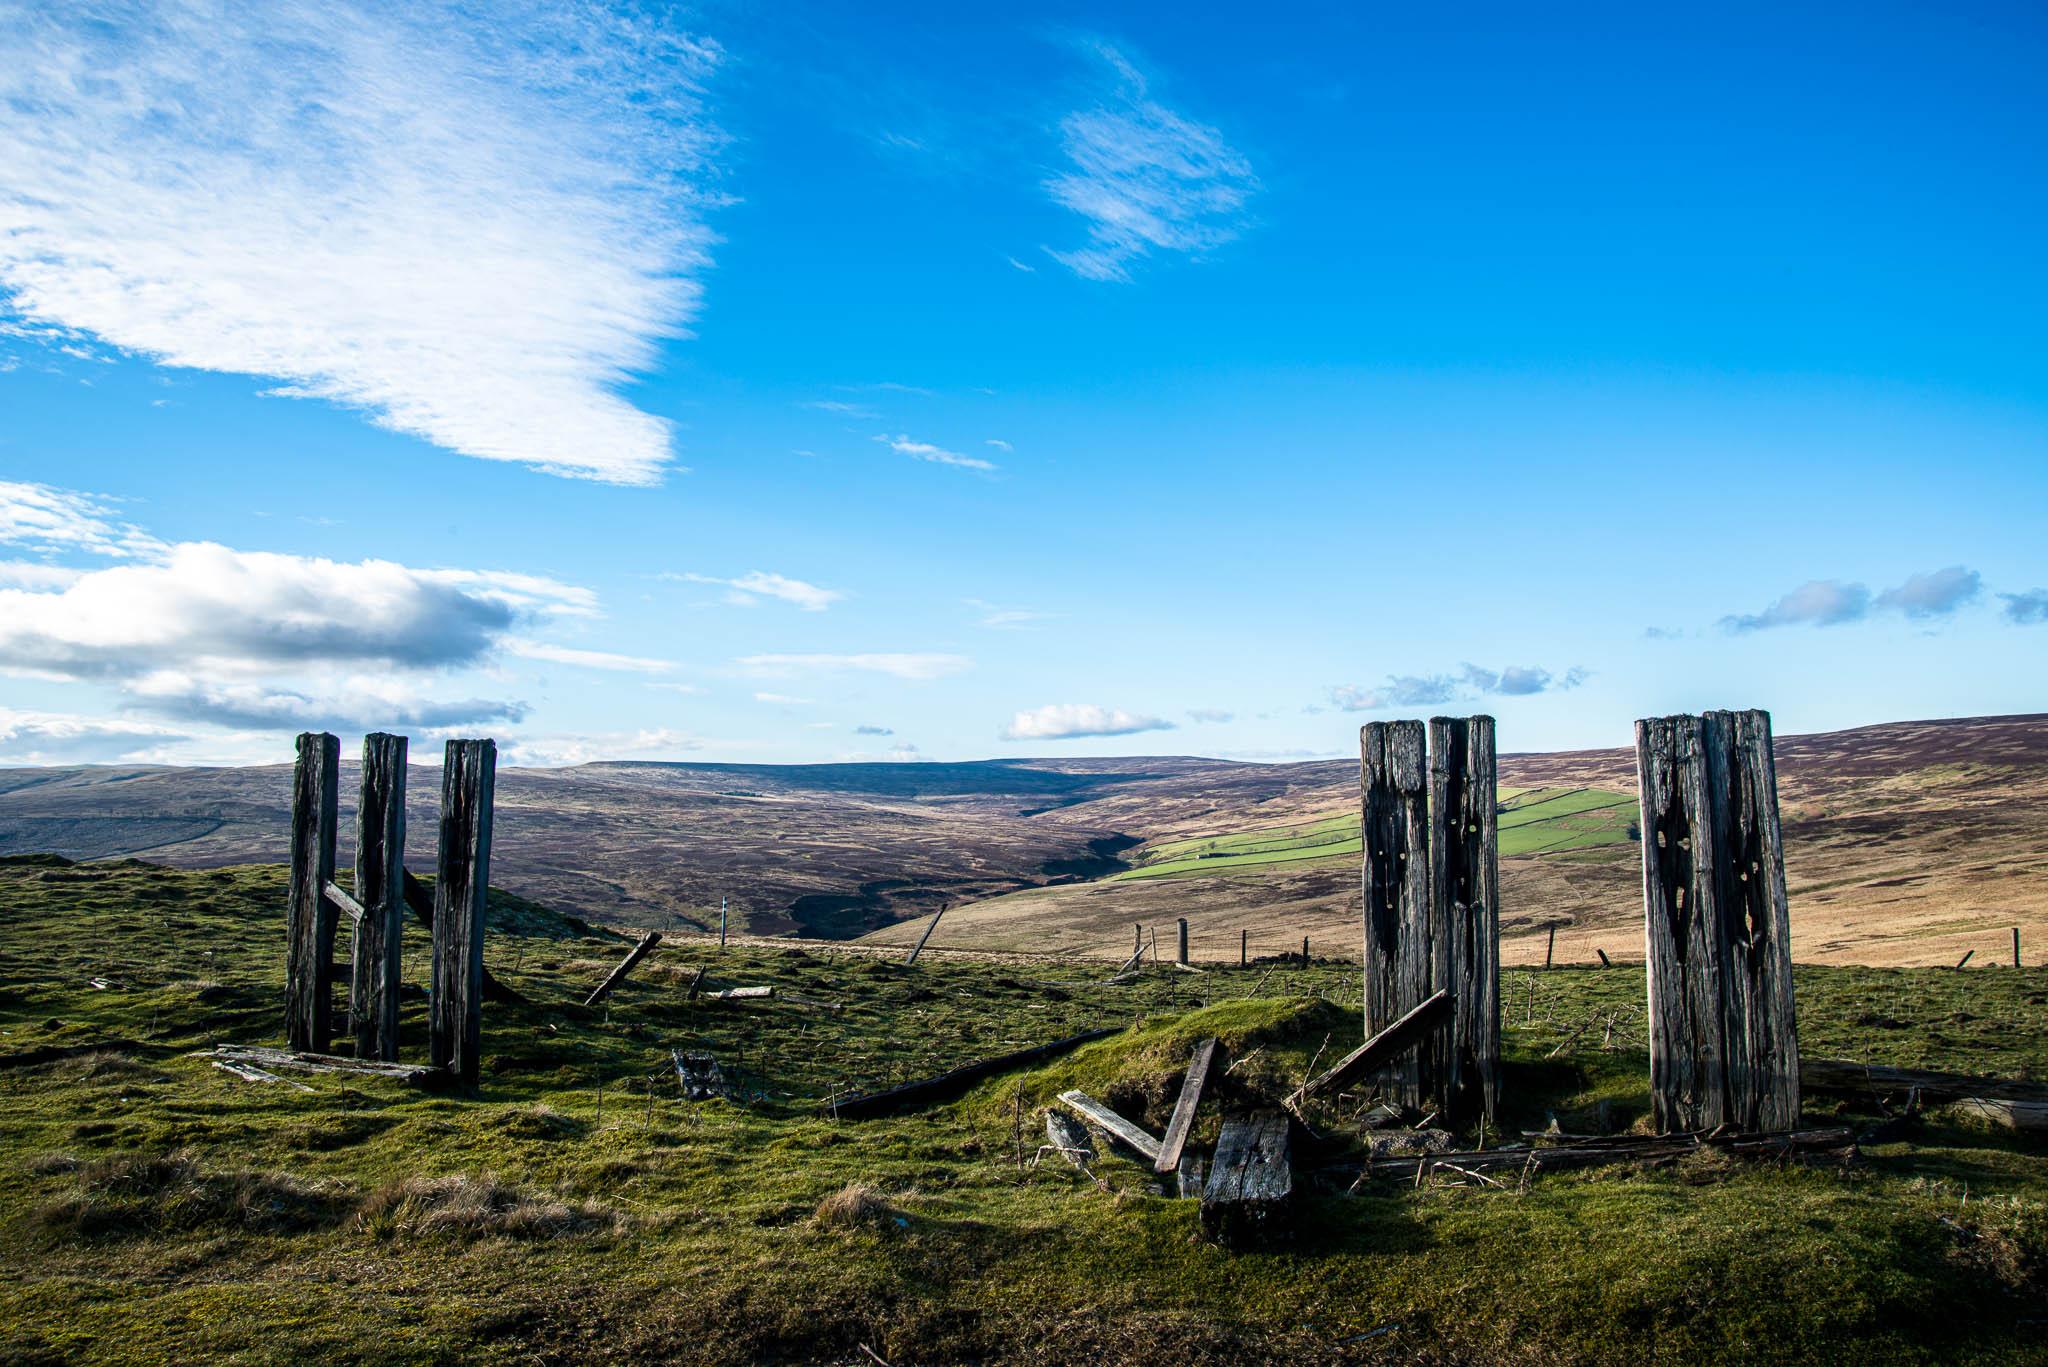 Crawleyside Fence Posts, United Kingdom